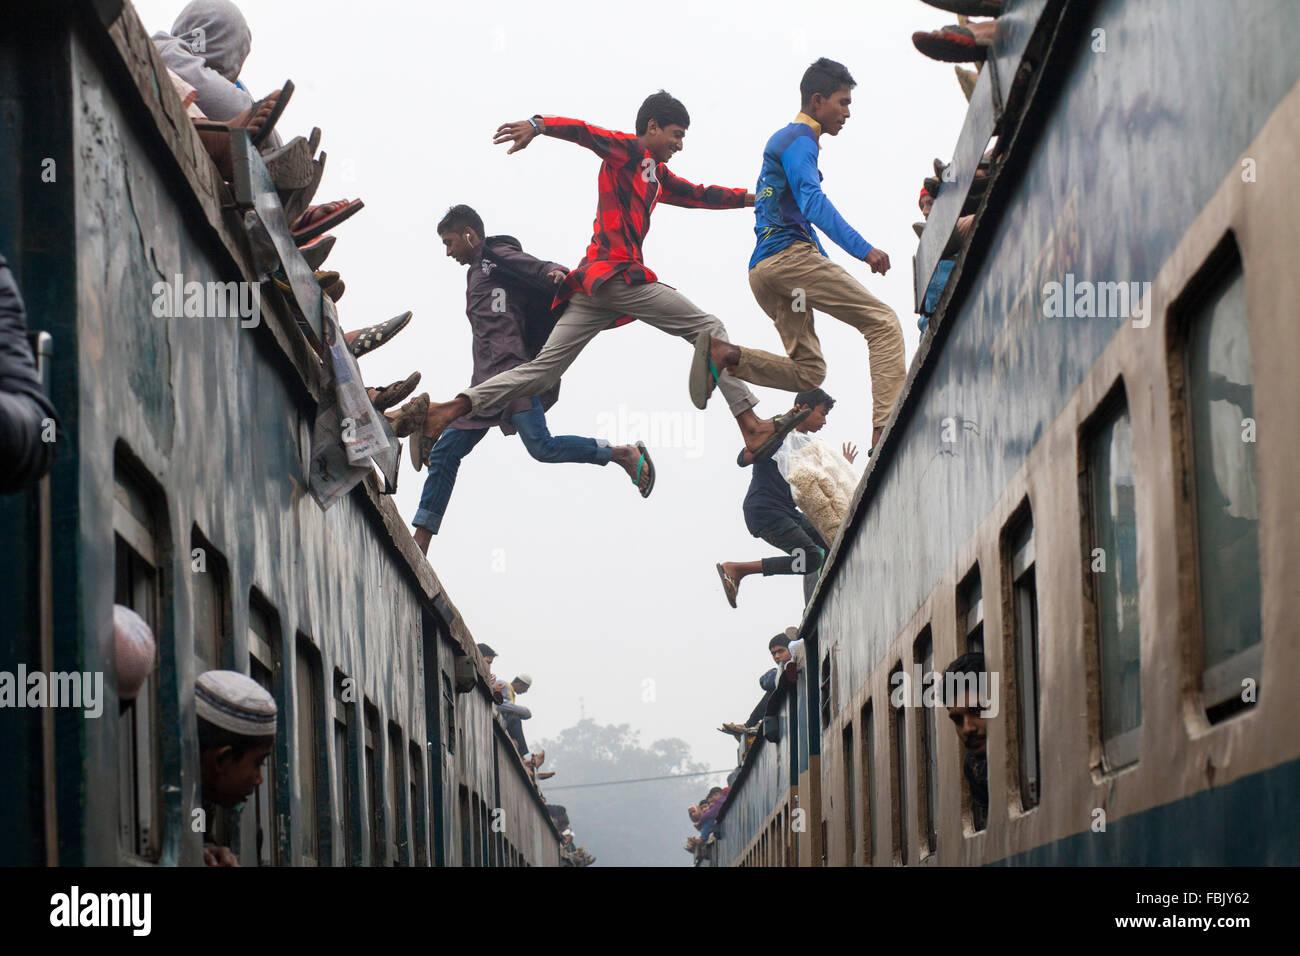 DHAKA, BANGLADESH 10 Janvier 2016: les personnes sautant au dessus train bondé qu'ils fréquentent Photo Stock